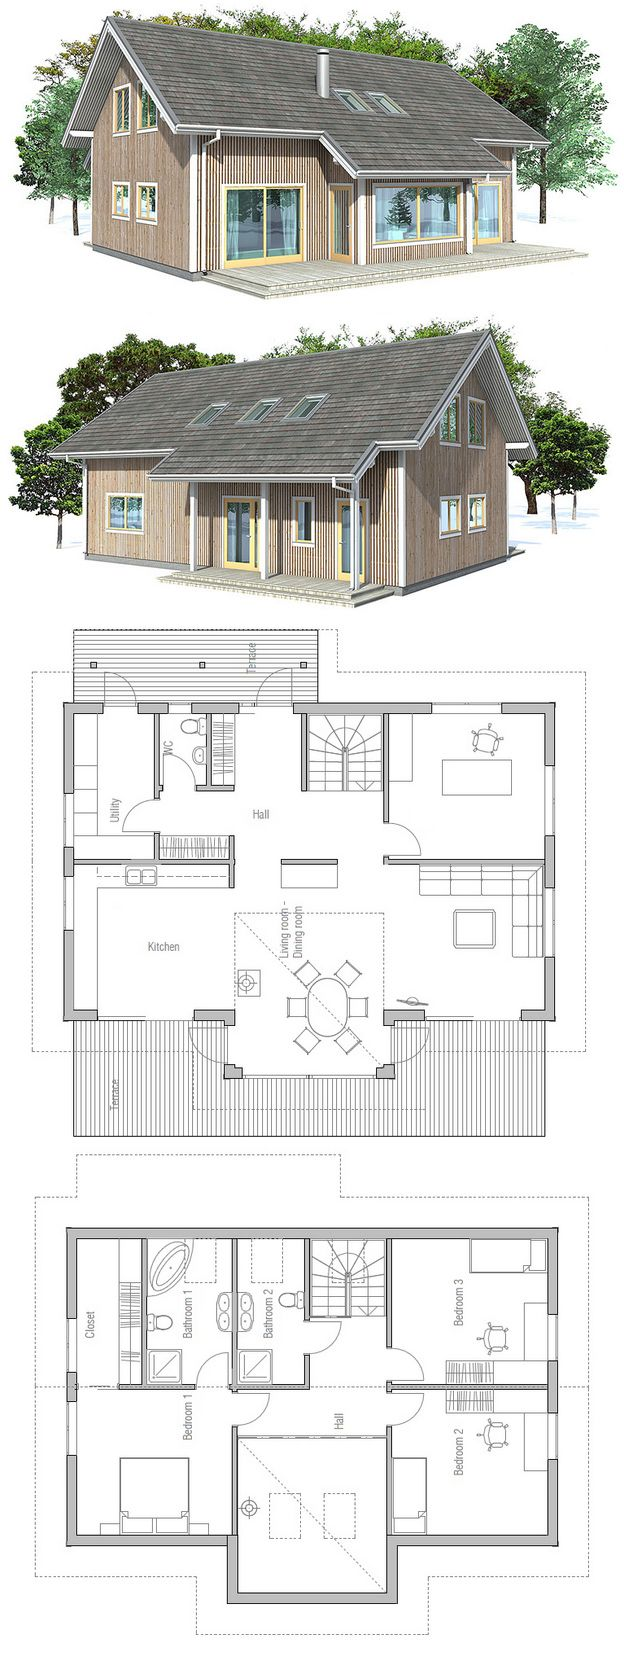 """Über 1.000 Ideen zu """"Doppelhaus Grundriss auf Pinterest 2 ... size: 624 x 1660 post ID: 6 File size: 0 B"""